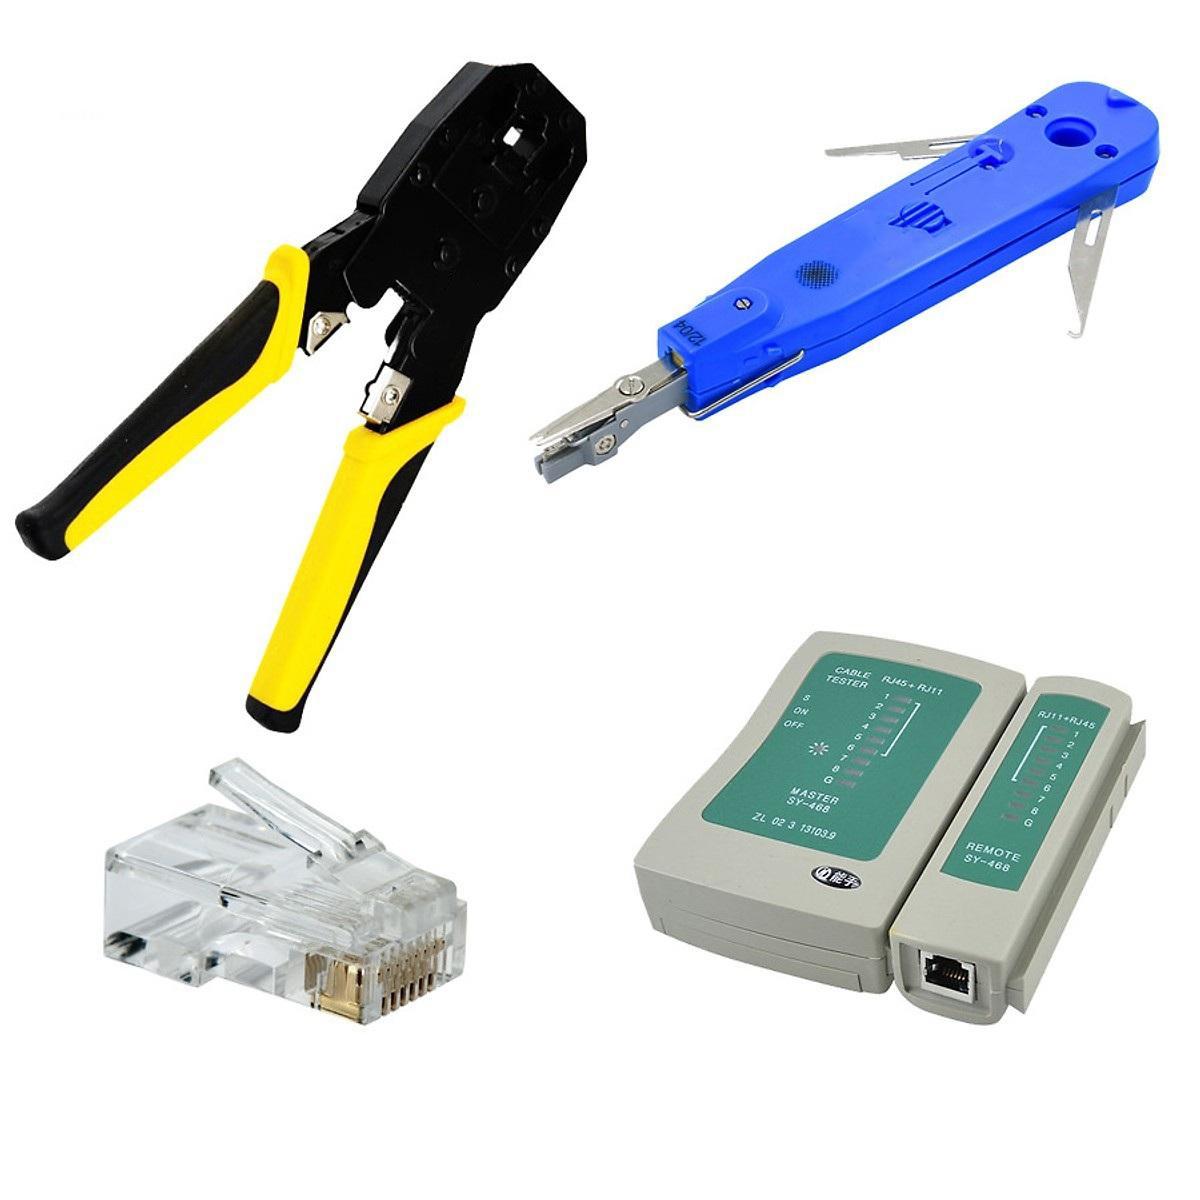 Bộ sản phẩm thi công hệ thống mạng Kìm bấm mạng, Tool nhấn mạng âm tường, Hộp test dây mạng, 100 Hạt mạng JR45